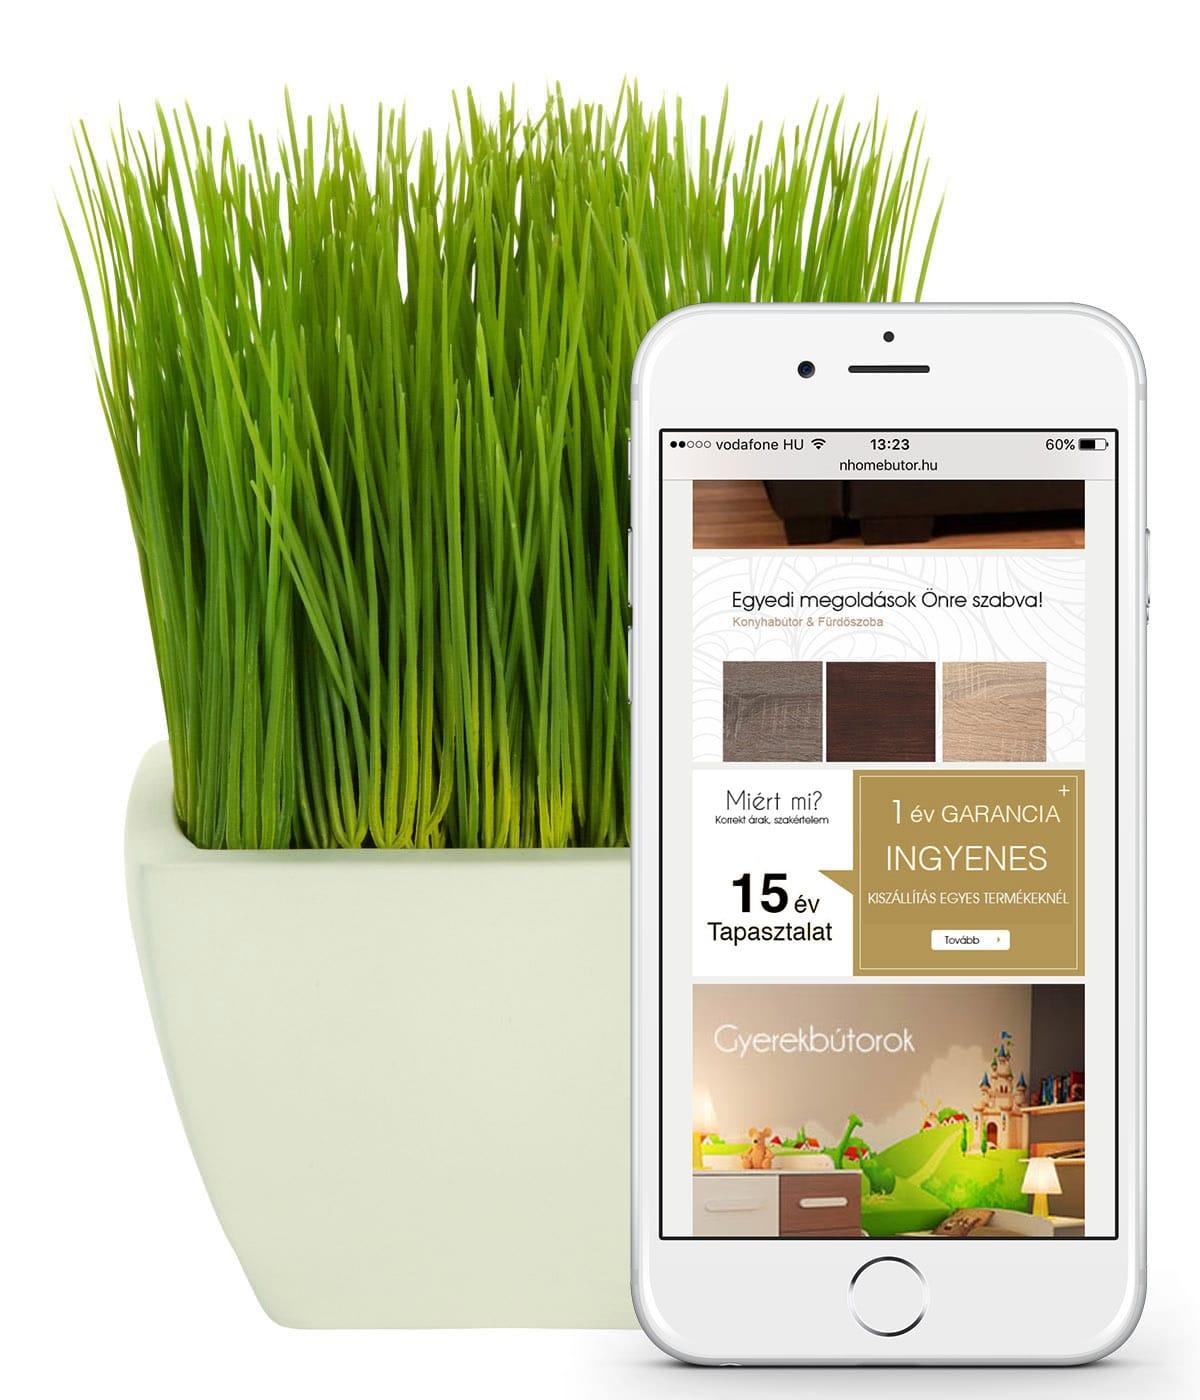 Ajánlatkérés weboldal készítés - Webshop készítés